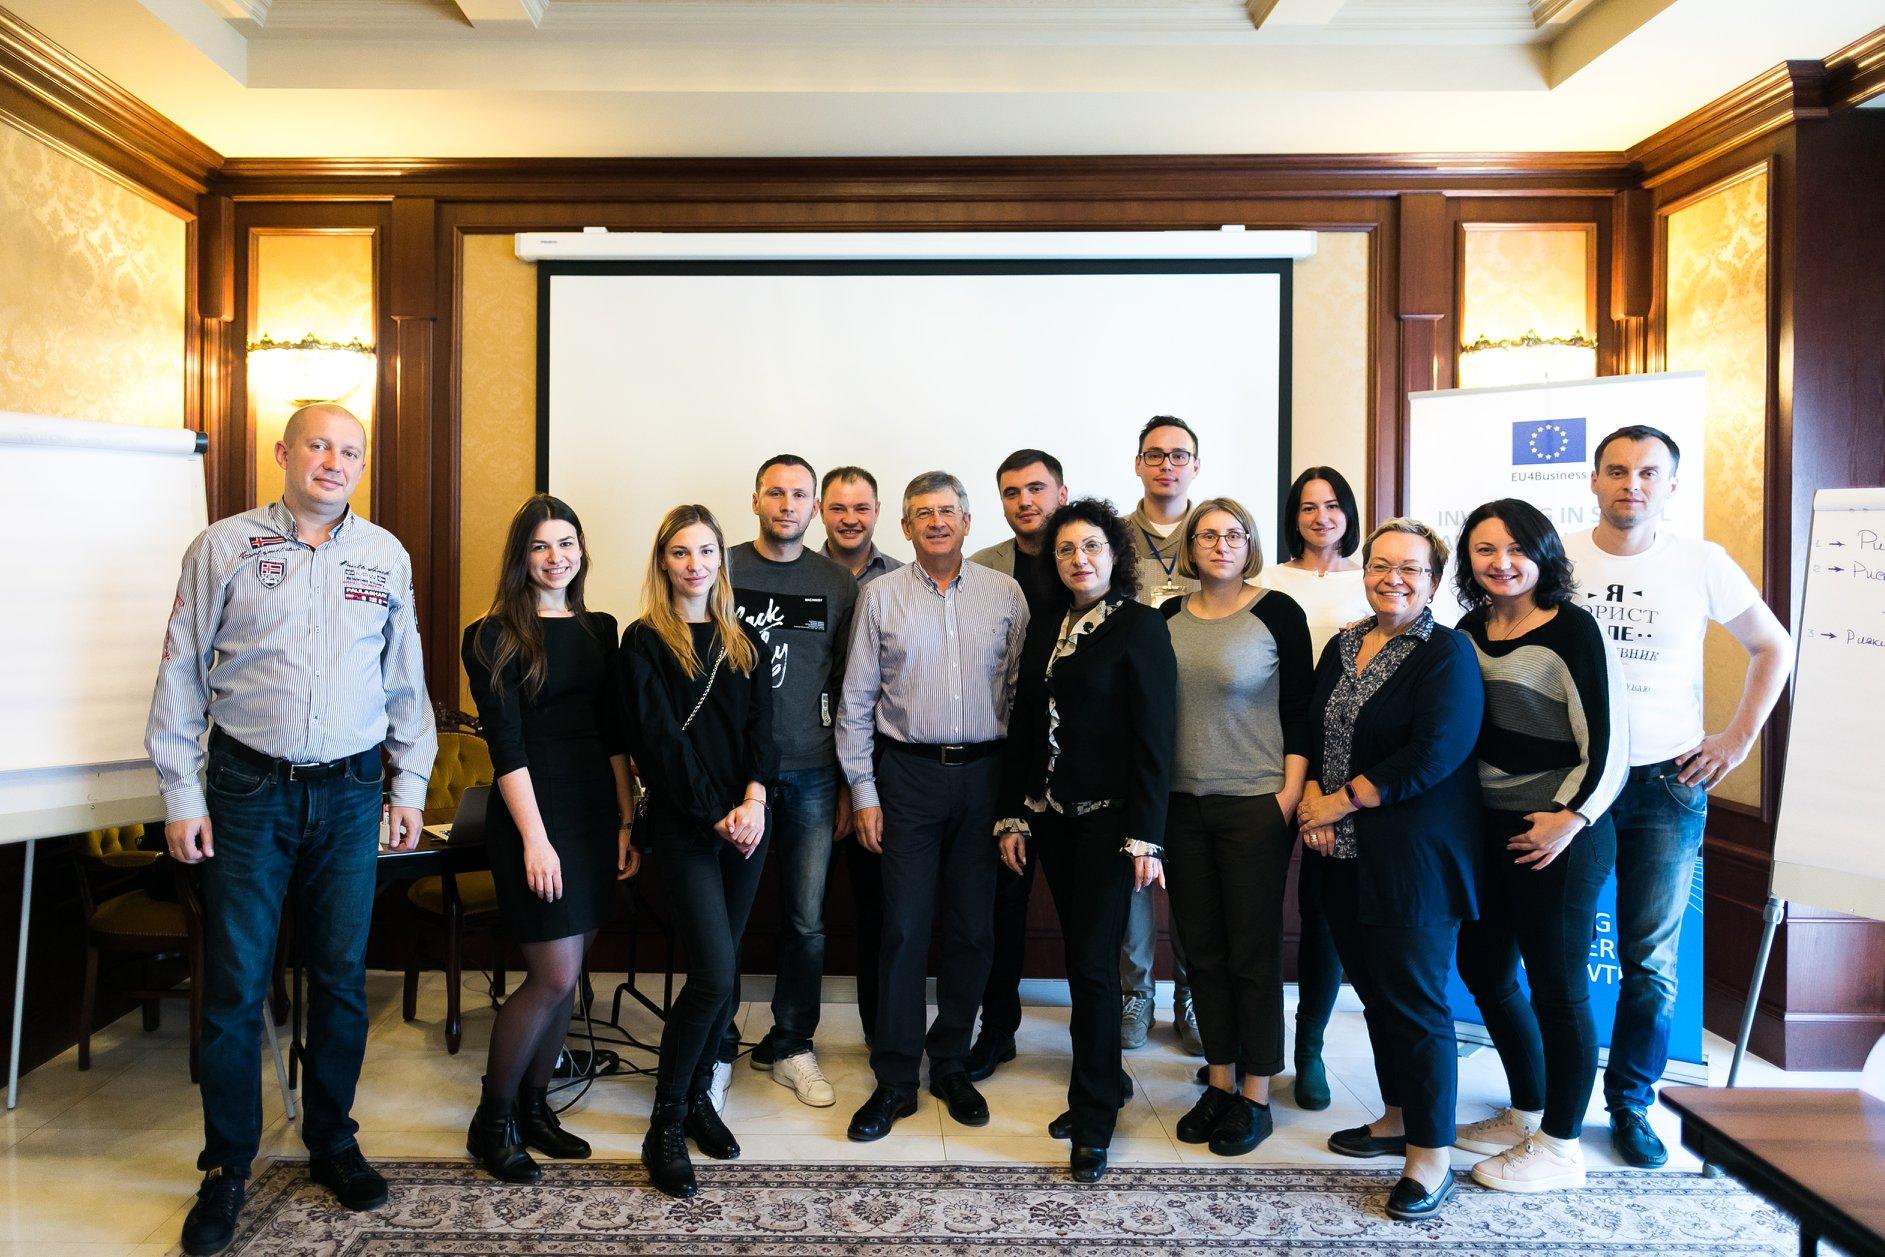 Спеціалісти компанії «SCS» відвідали тренінг з управління проектами за підтримки ЄБРР